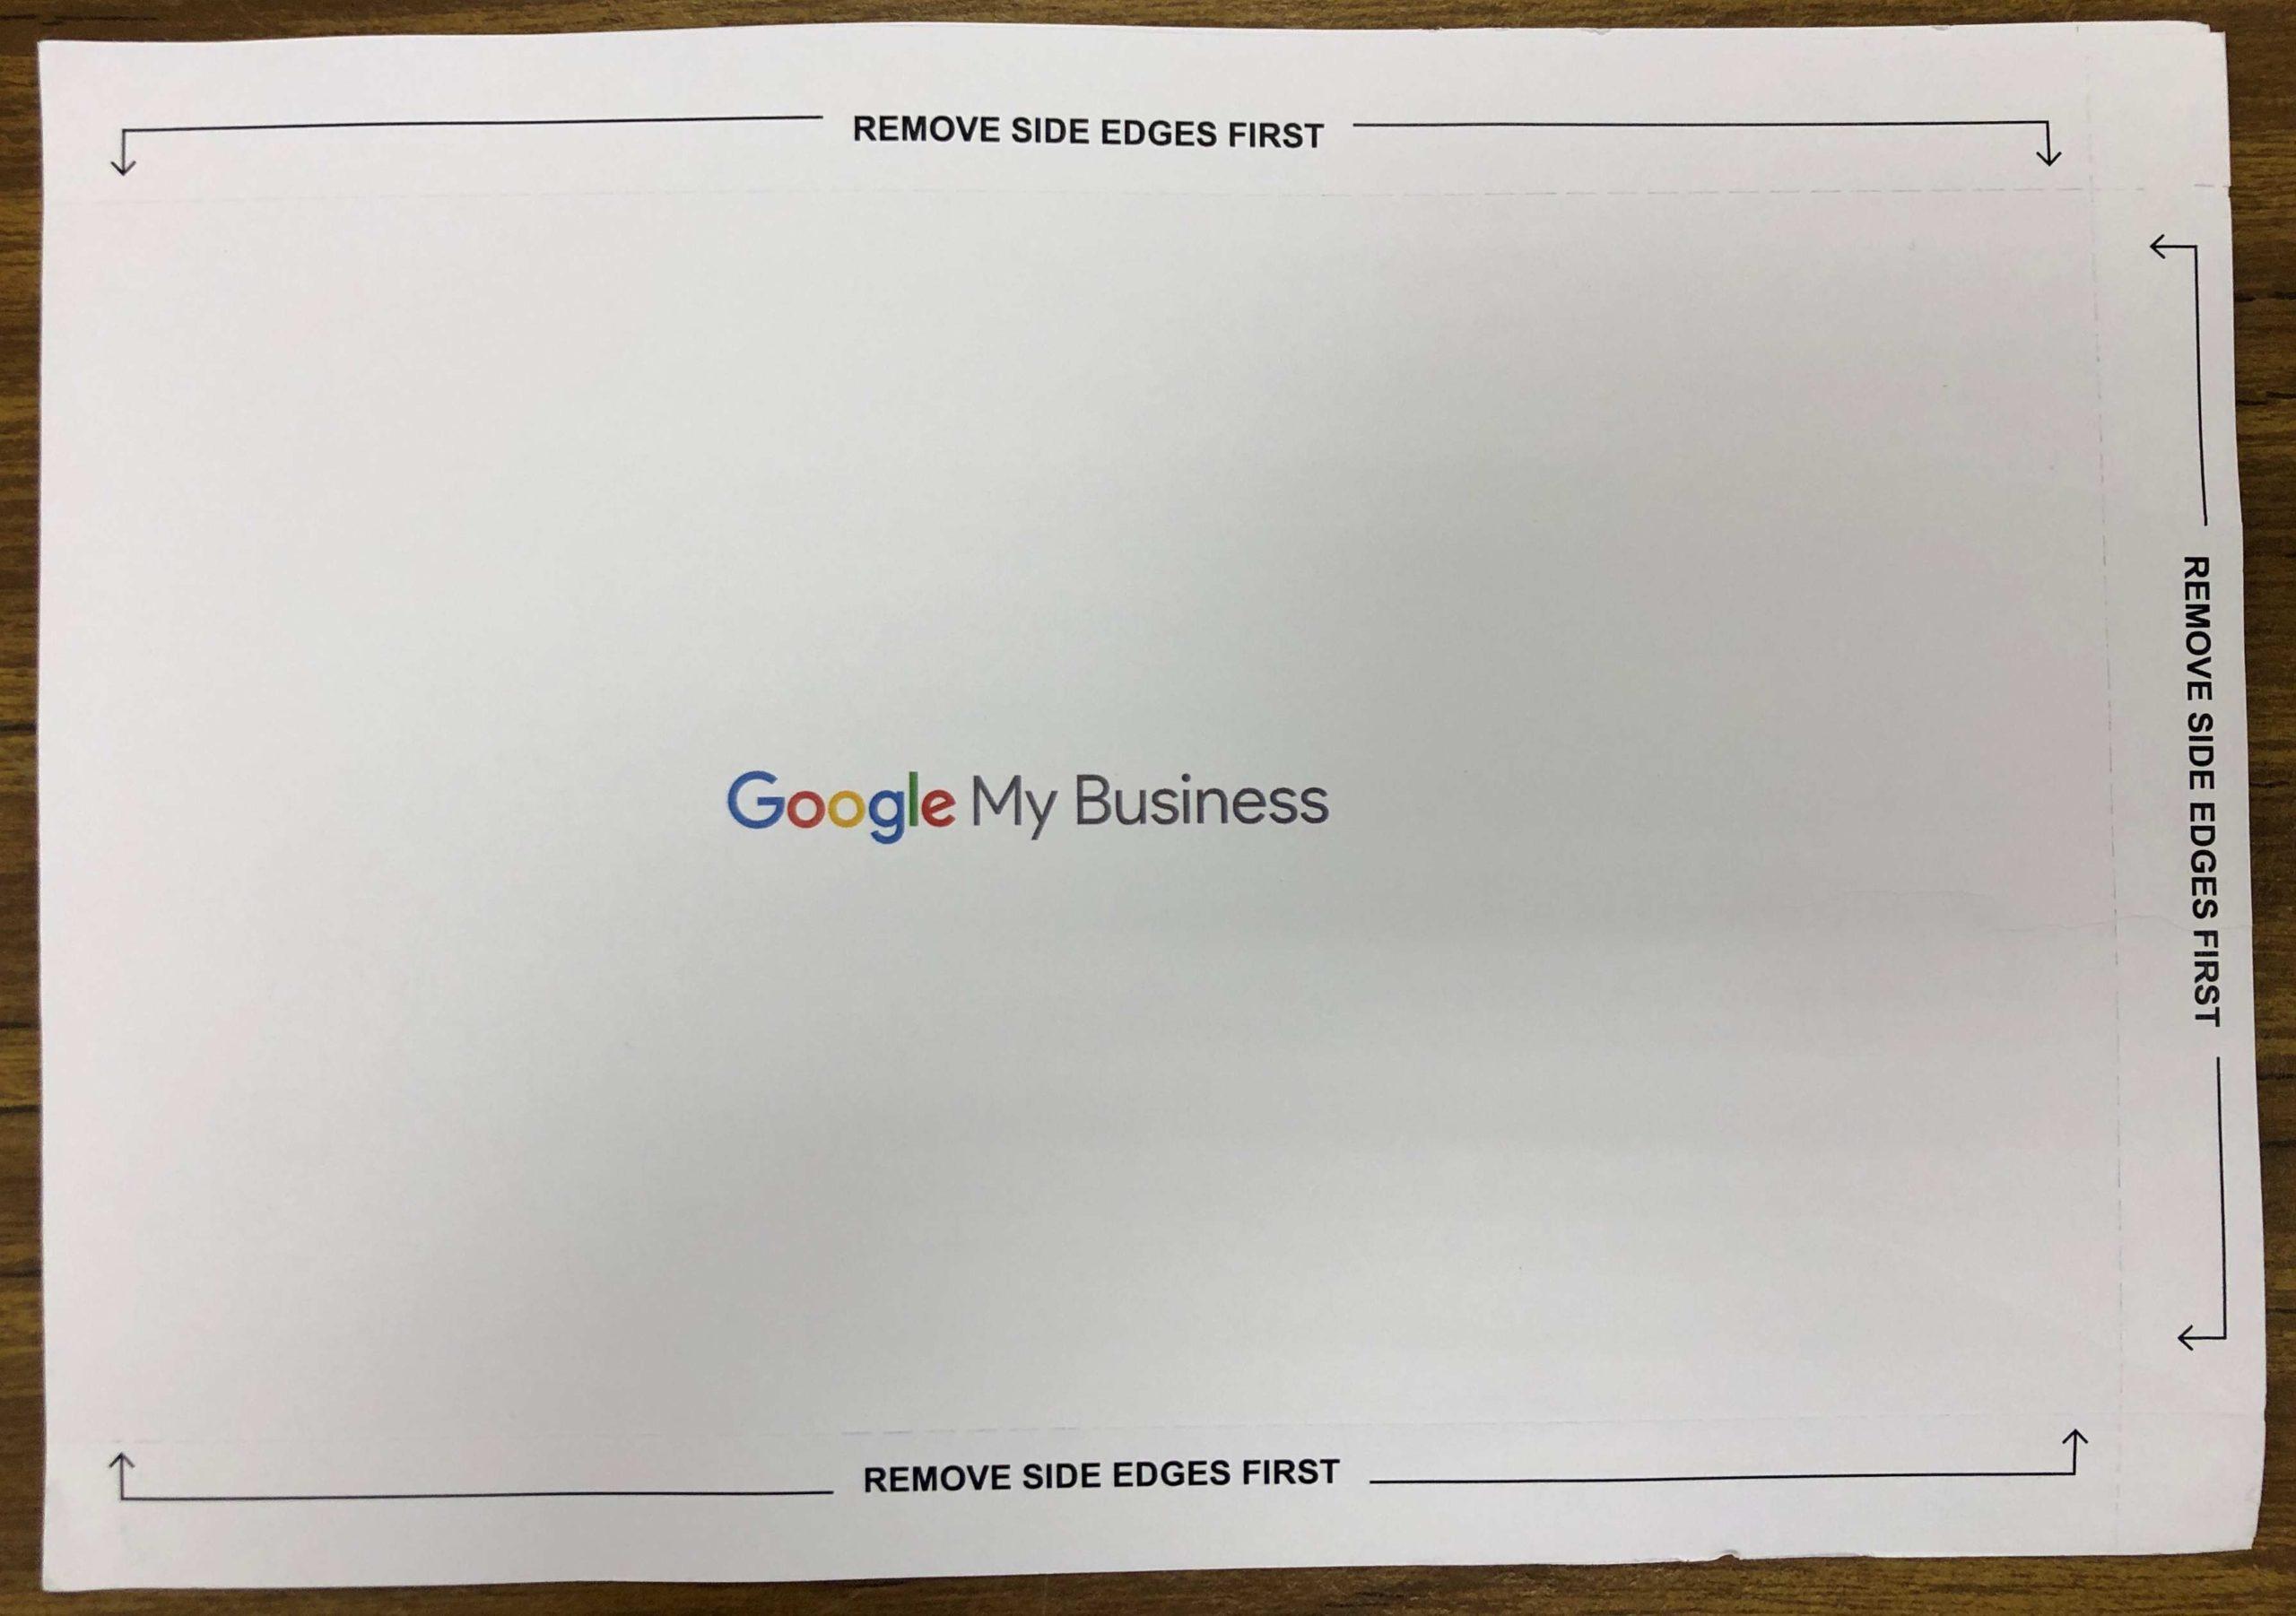 【搜索結果頂位:8步設立Google My Business】Google My Business 我的商家 明信片背面